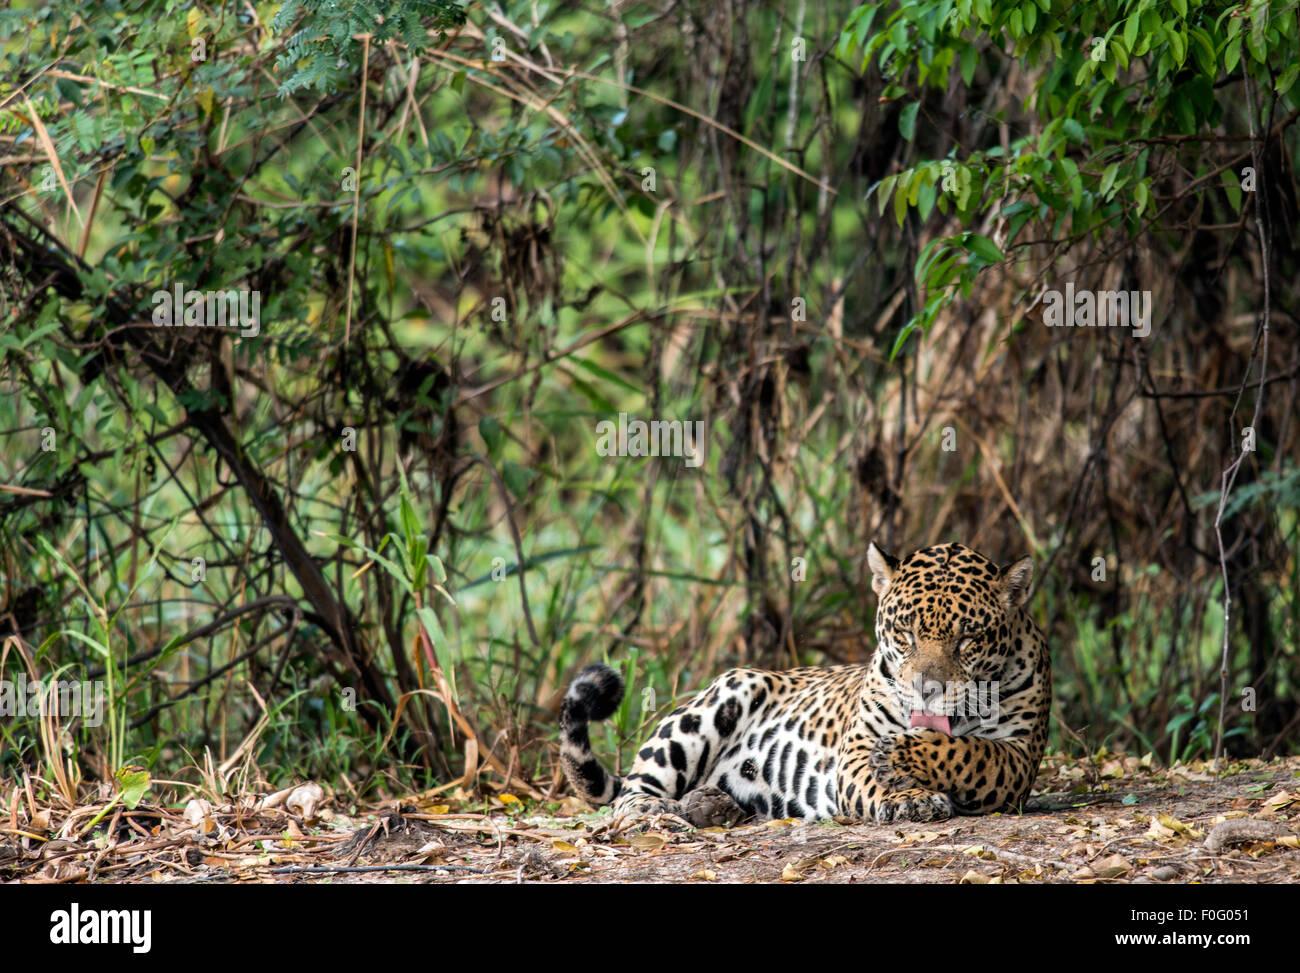 Erwachsenen Jaguar Pflege durch drei Brüder Fluss Pantanal Mato Grosso, Brasilien Stockbild